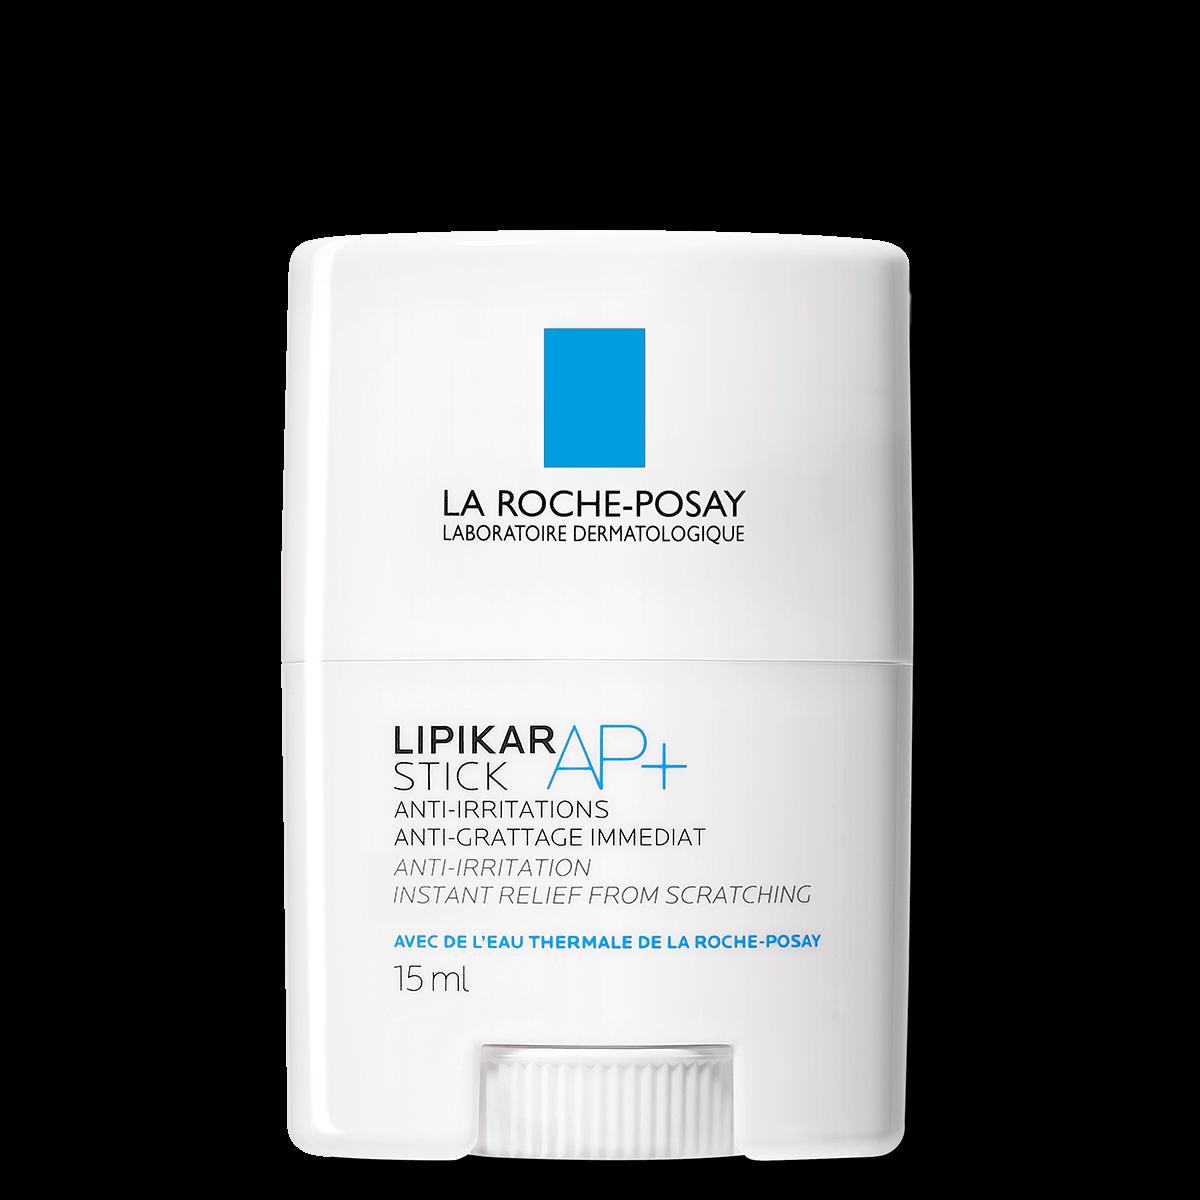 La Roche Posay Kropspleje Lipikar Stick AP 15ml Irriteret Kløe forårsaget af tørhed E